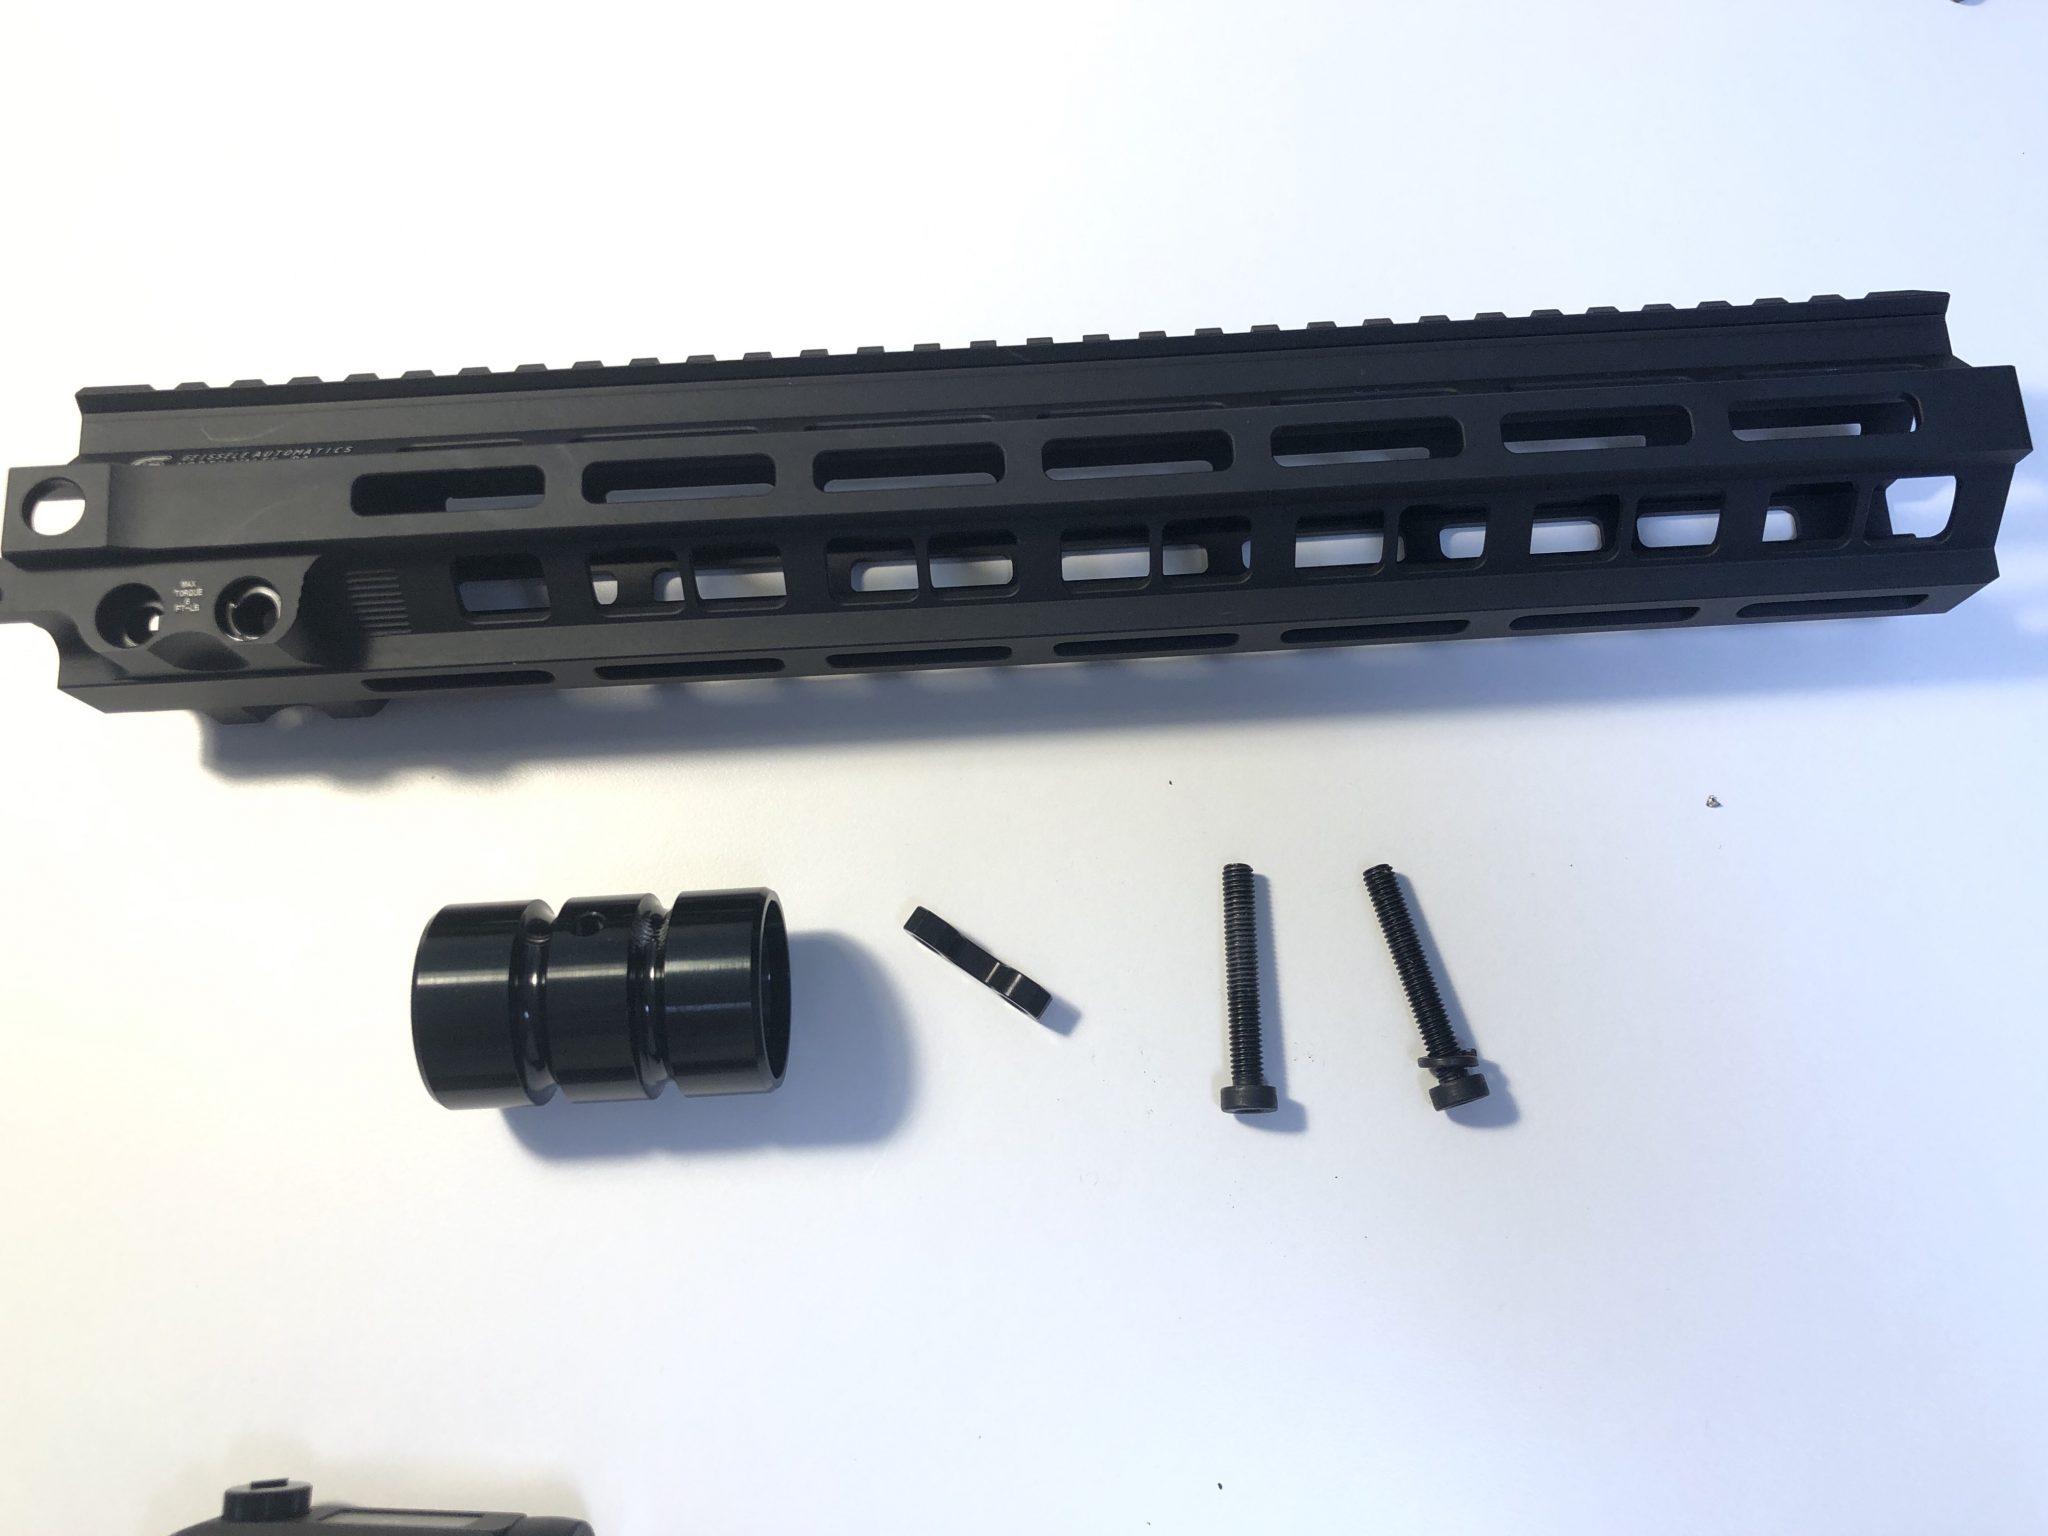 1AF292C8 FE2E 4980 A48F 81C43EDA239C - ガイズリー mk8レプリカハンドガードをインストールしてみた